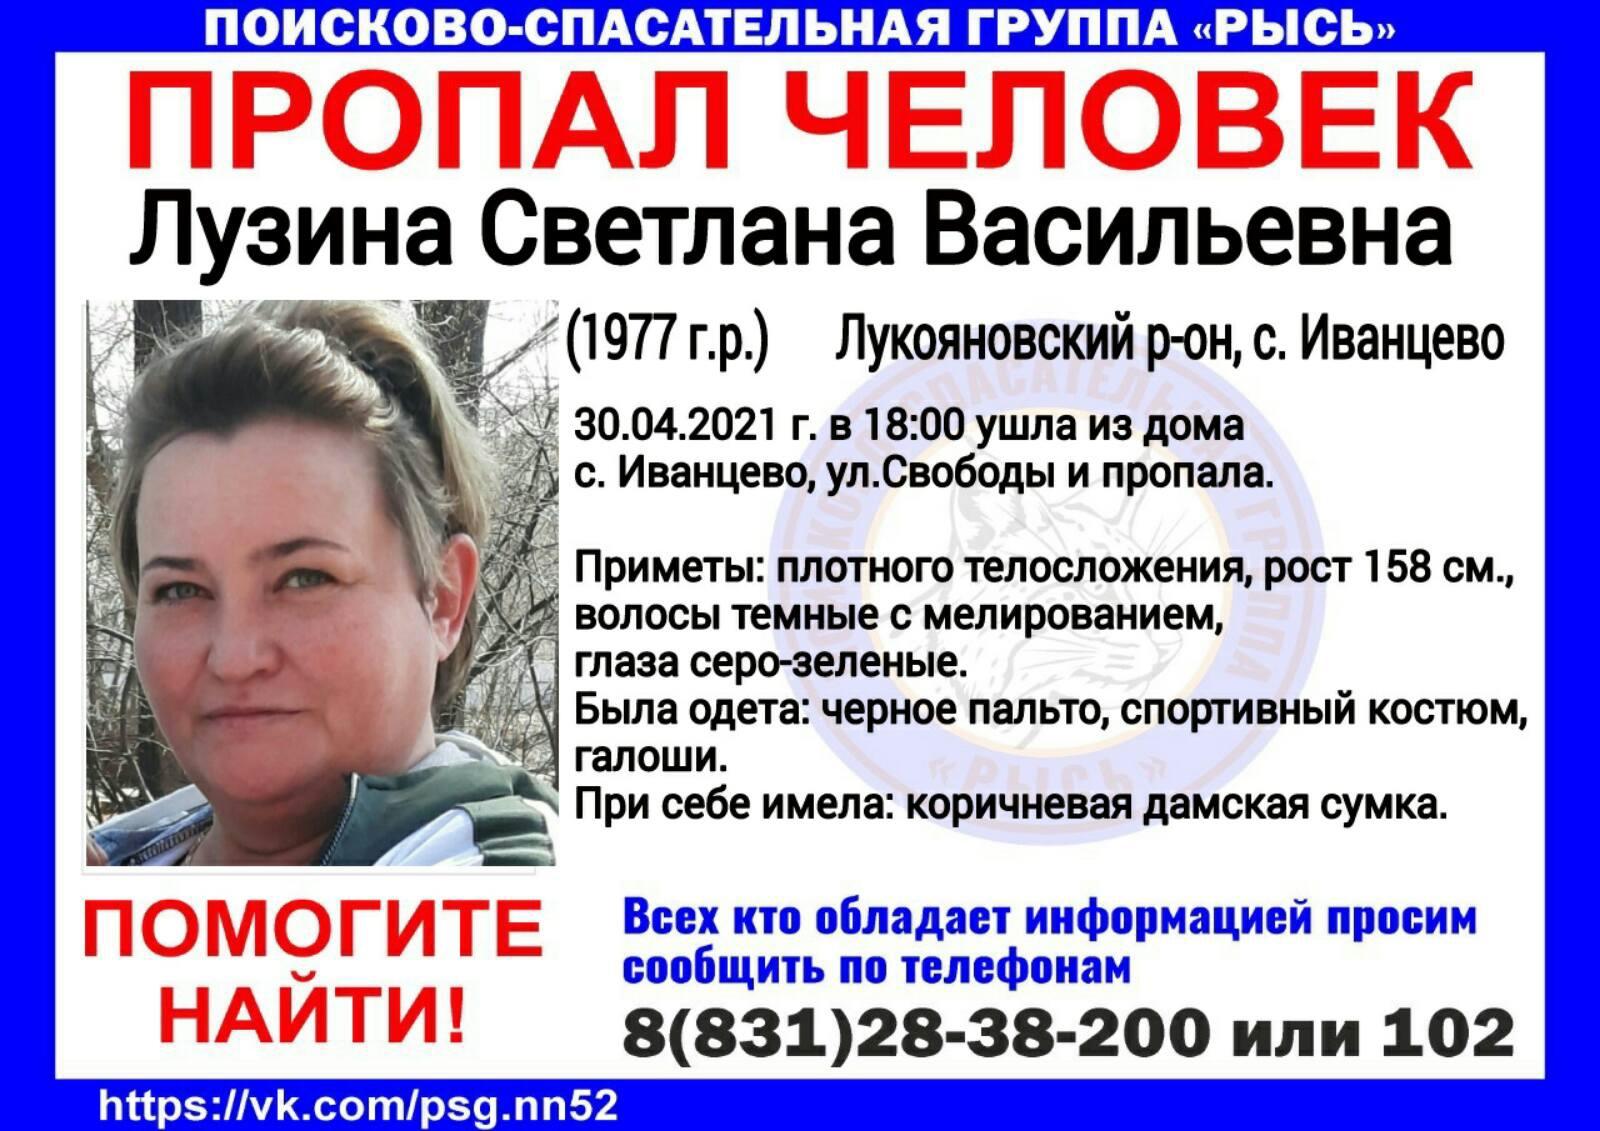 Лузина Светлана Васильевна, 1977 г.р., Лукояновский р-он, с. Иванцево